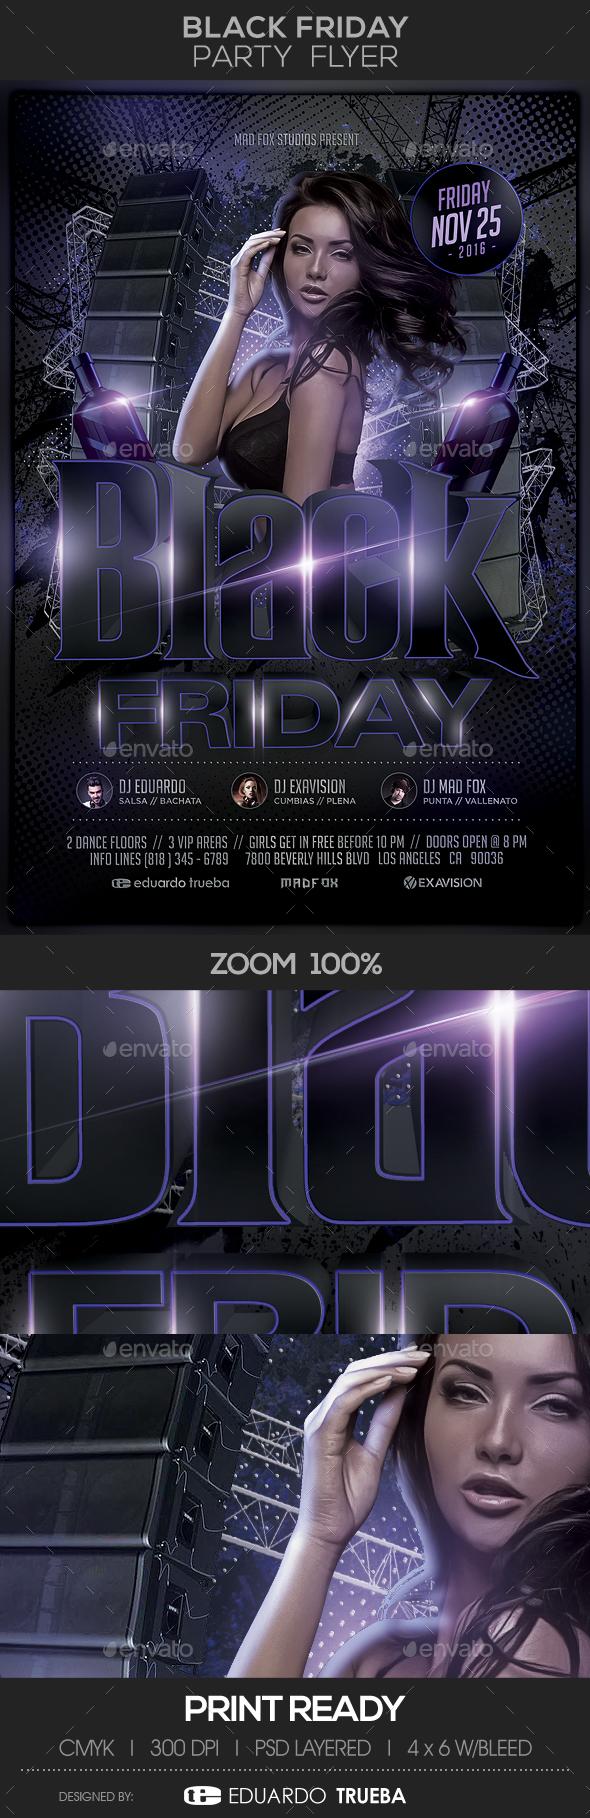 Black Friday Party Flyer - Flyers Print Templates